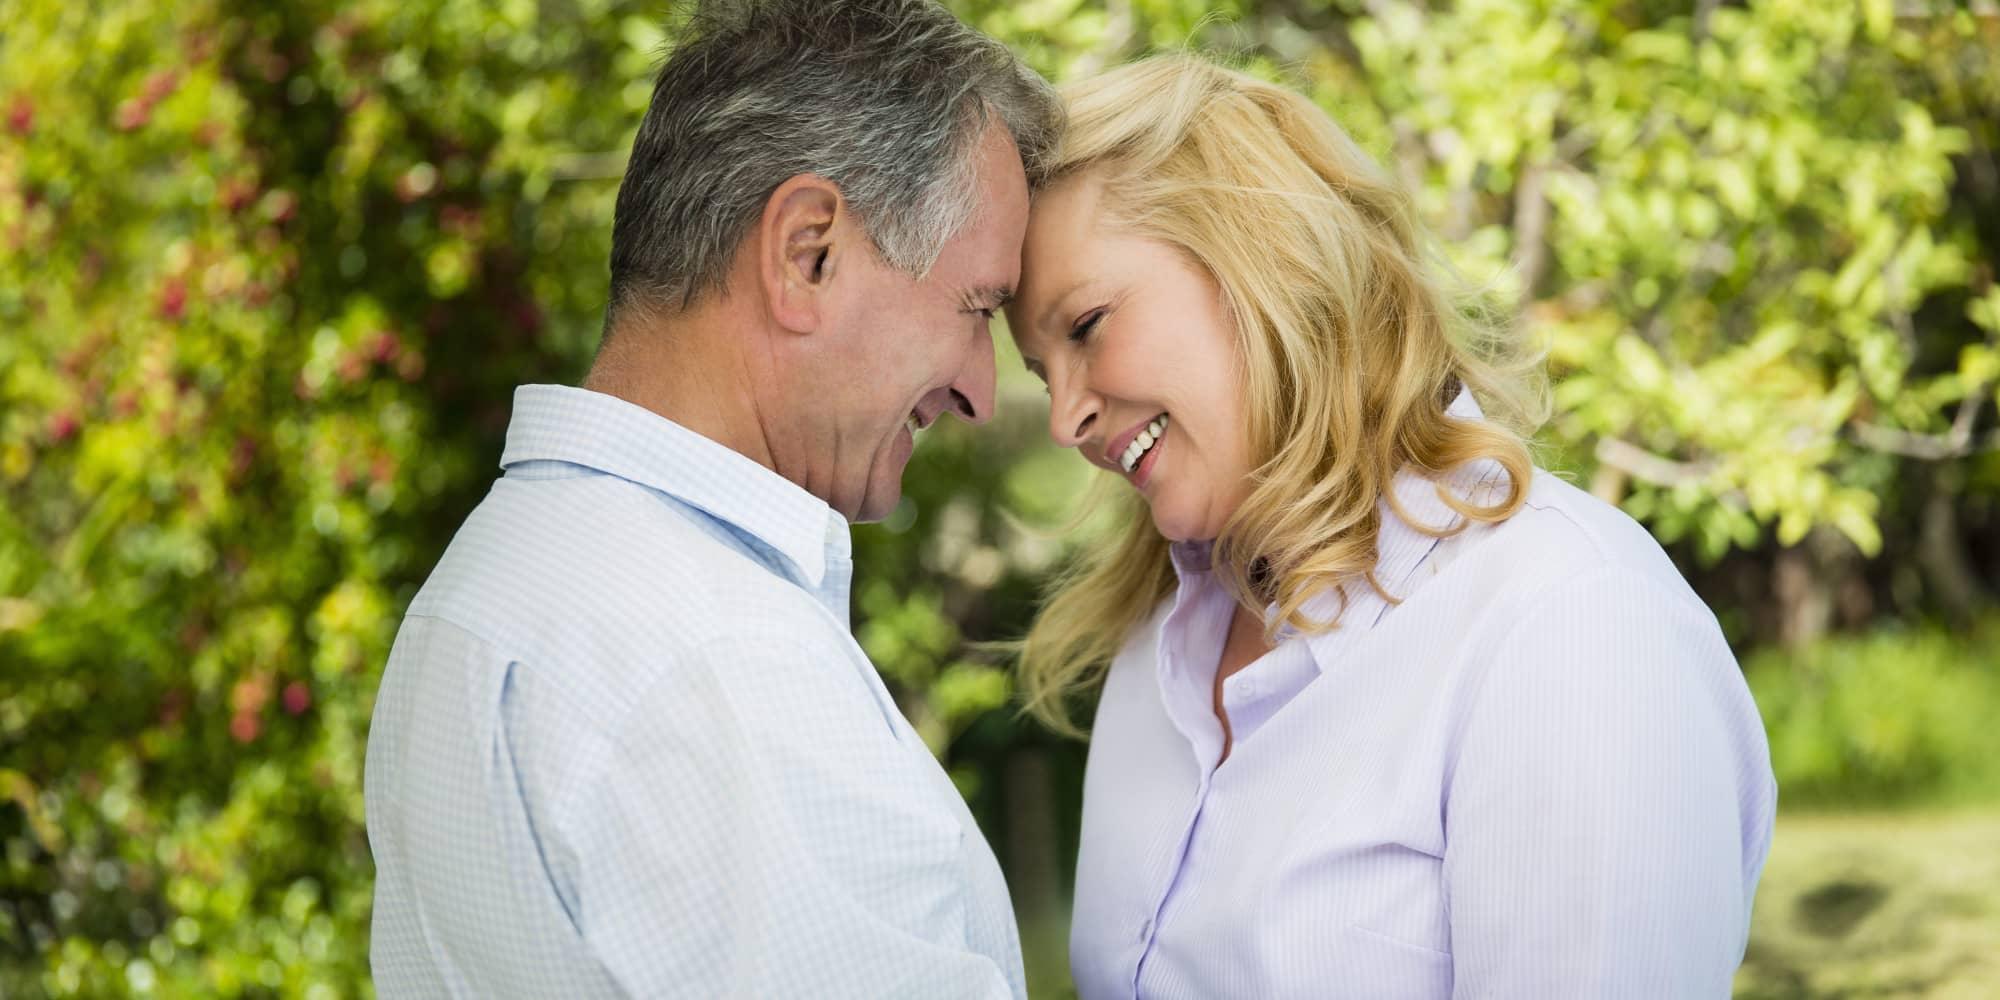 Как познакомиться с девушкой на сайте знакомств в Германии: 6 полезных правил